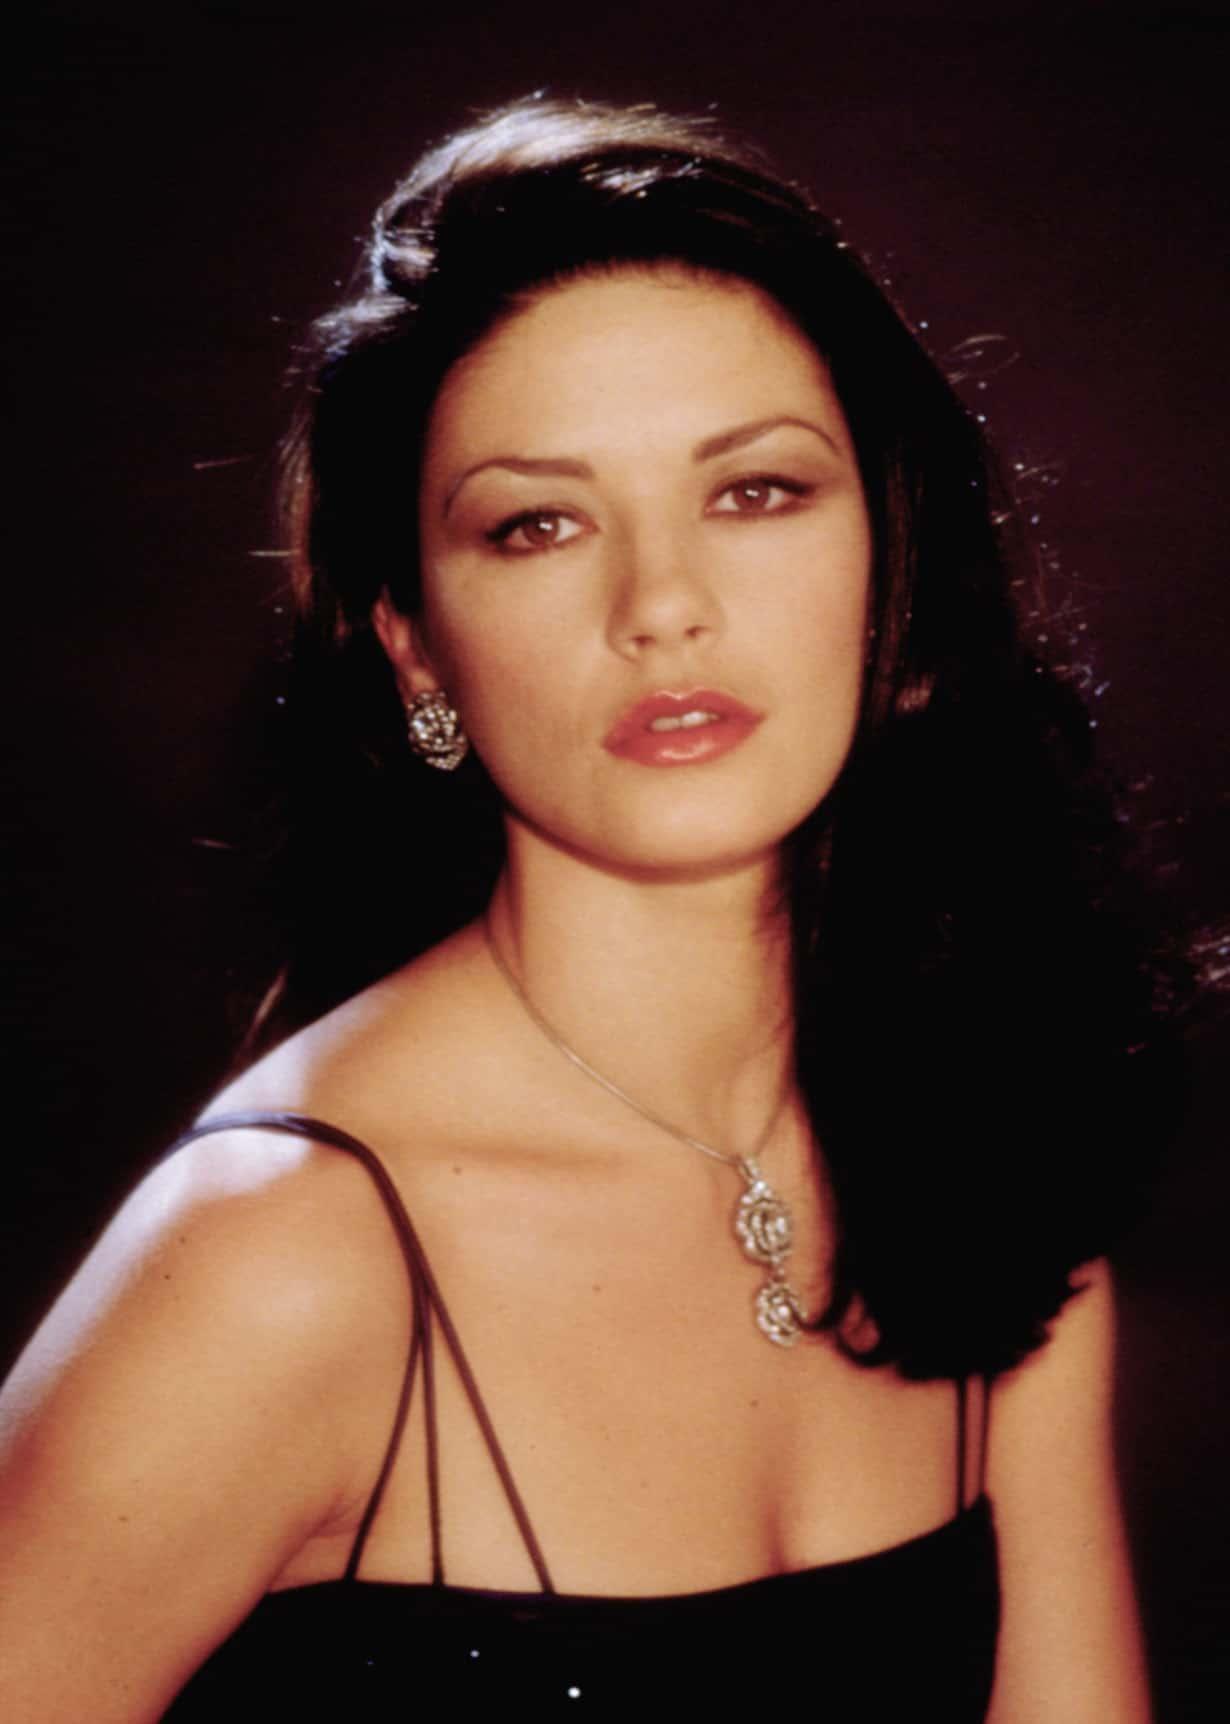 ENTRAPMENT, Catherine Zeta-Jones, 1999